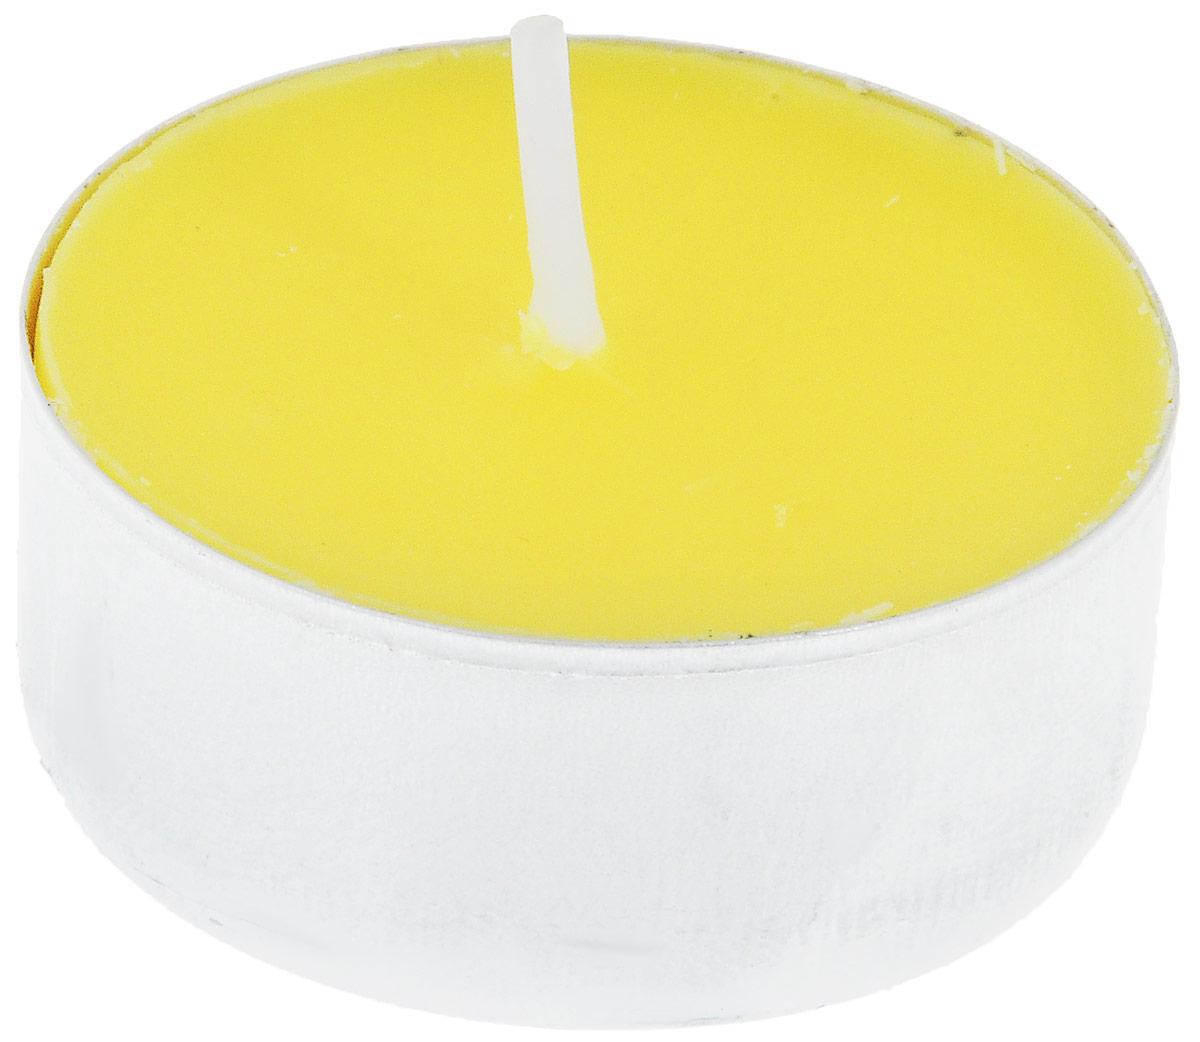 Набор свечей Duni, цвет: желтый, диаметр 3,8 см, 30 штJV0305Набор Duni состоит из 30 круглых чайных свечей без запаха, изготовленных из смеси парафина и стеарина. Duni - создатели атмосферы вдохновения, сюрпризов и праздников для вас и ваших детей! Используя современные инновации, высококачественные материалы, оригинальный дизайн, свечи делают вашу трапезу незабываемым и волшебным праздником. Такой набор украсит интерьер вашего дома или офиса и наполнит его атмосферу теплом и уютом.Диаметр свечи: 3,8 см. Высота свечи: 1,5 см.